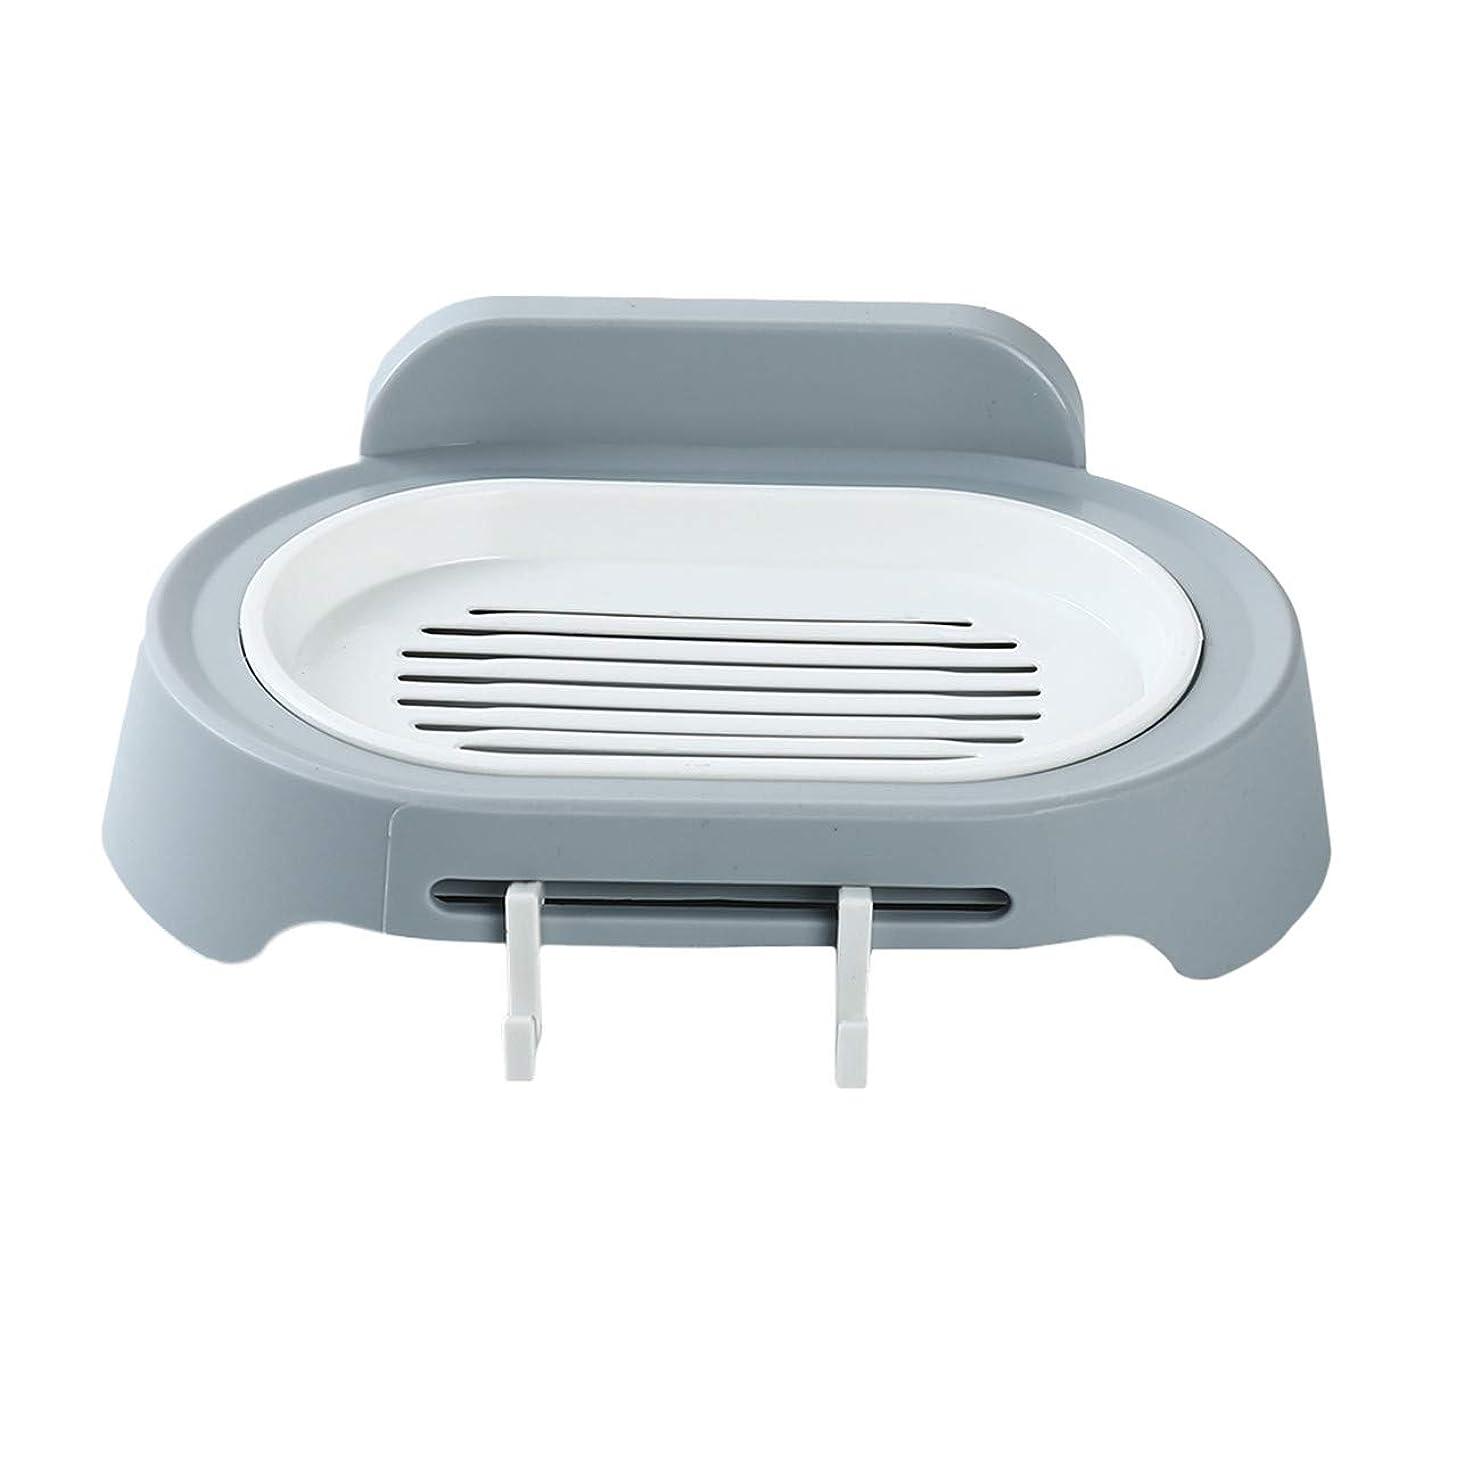 社会主義空港熱意ZALING 灰色のホックが付いているの浴室の石鹸の貯蔵の吸引の壁に取り付けられた石鹸のオルガナイザー